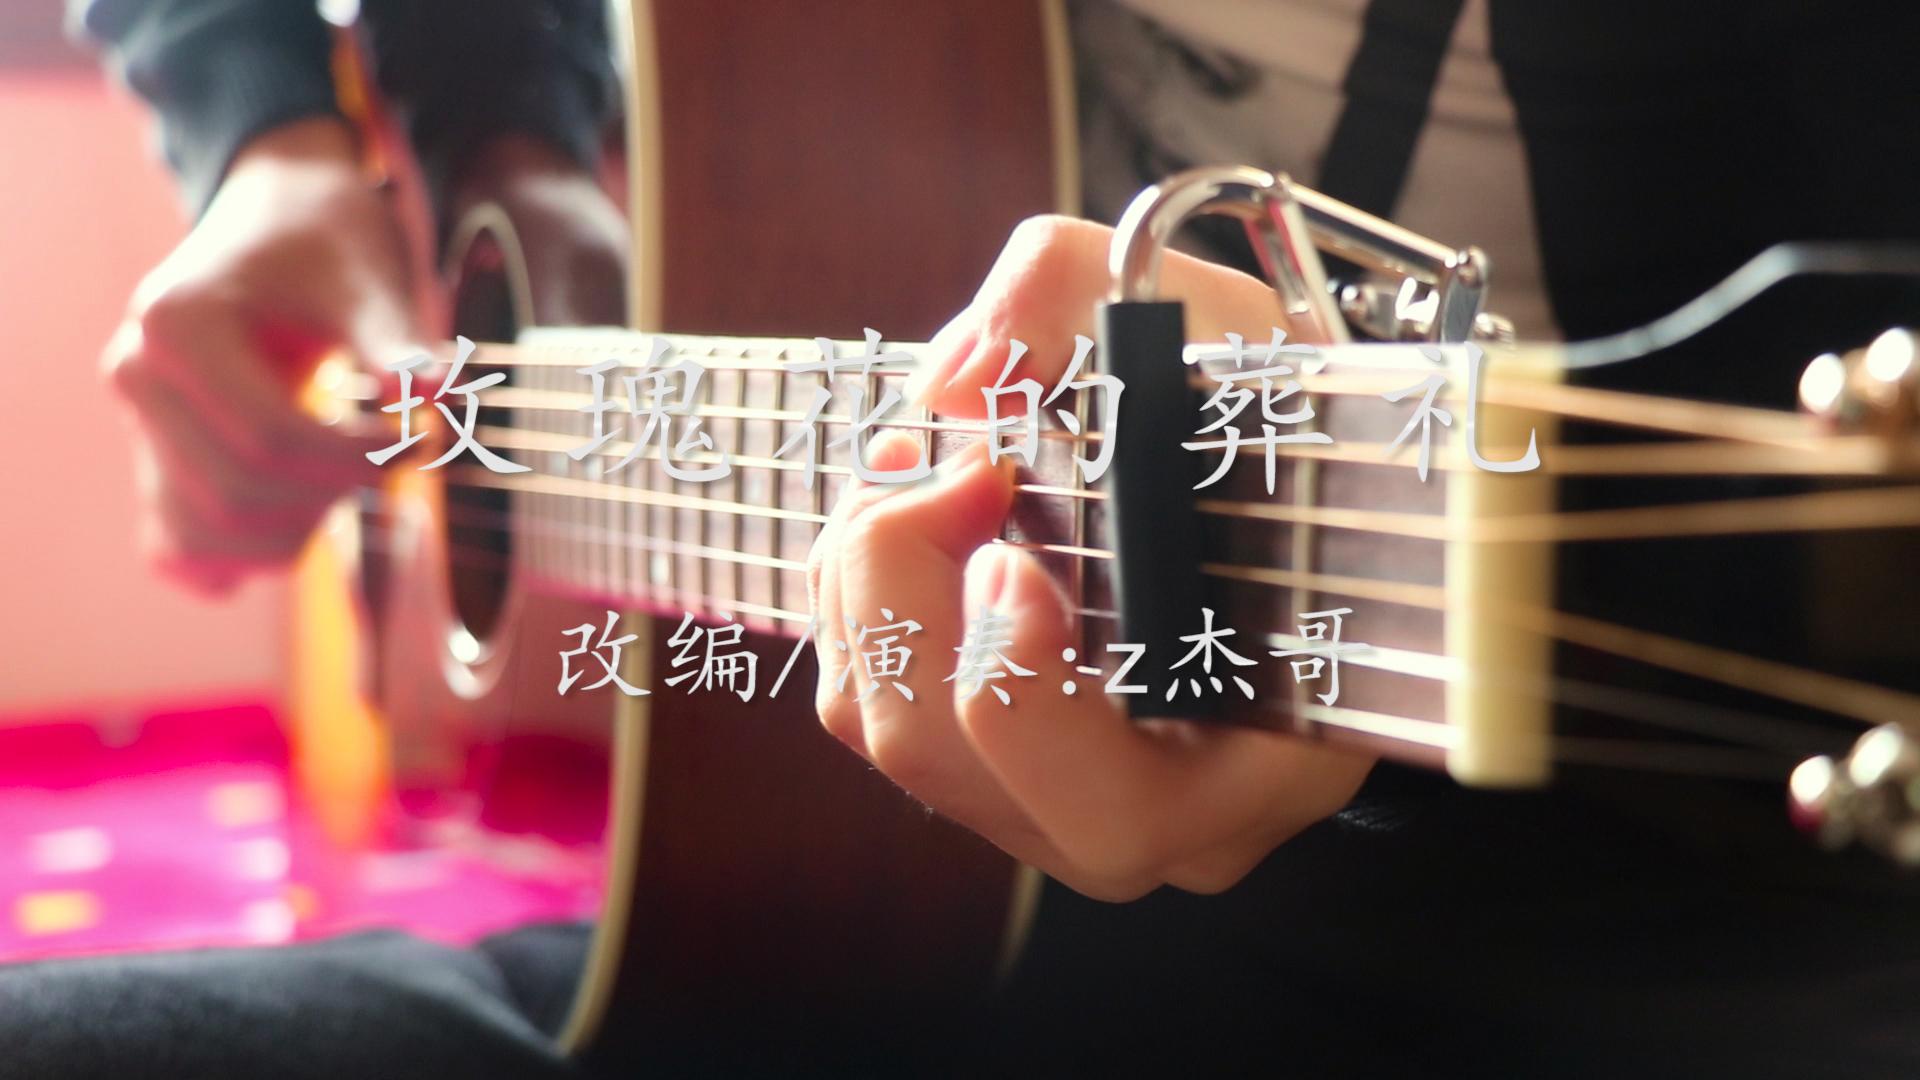 【指弹吉他】爷青回!指弹吉他完美改编演奏许嵩《玫瑰花的葬礼》这是你的青春吗